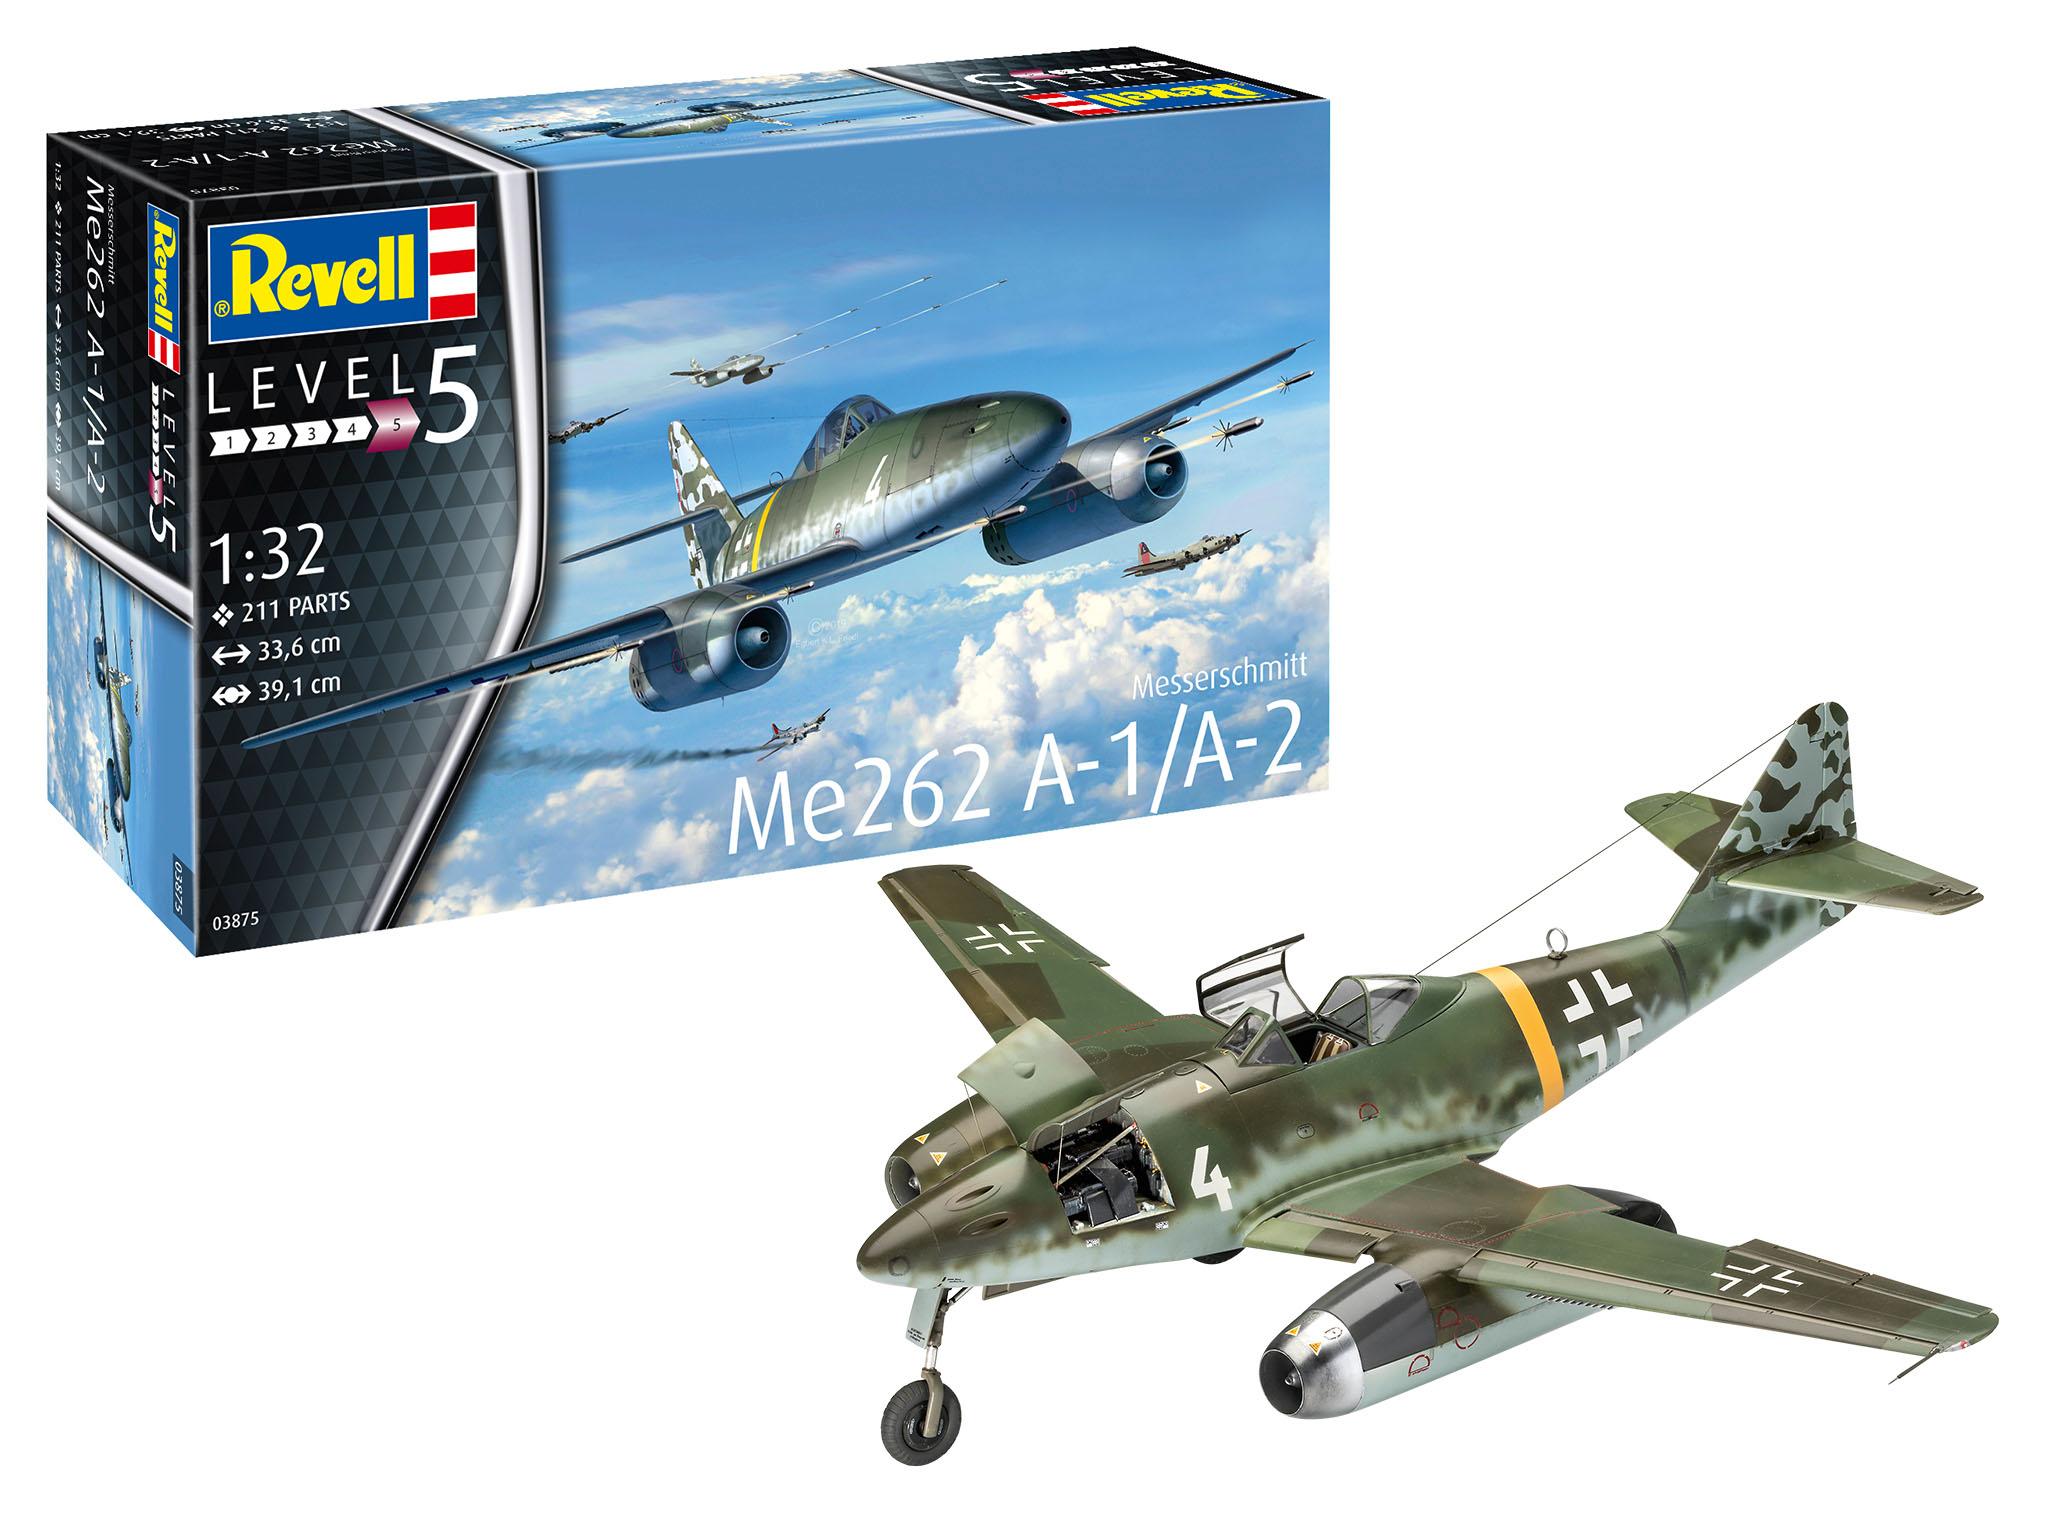 1/32 Messerschmitt Me-262A-1a/A-2a – nová verze Vlaštovky od Revellu vychází